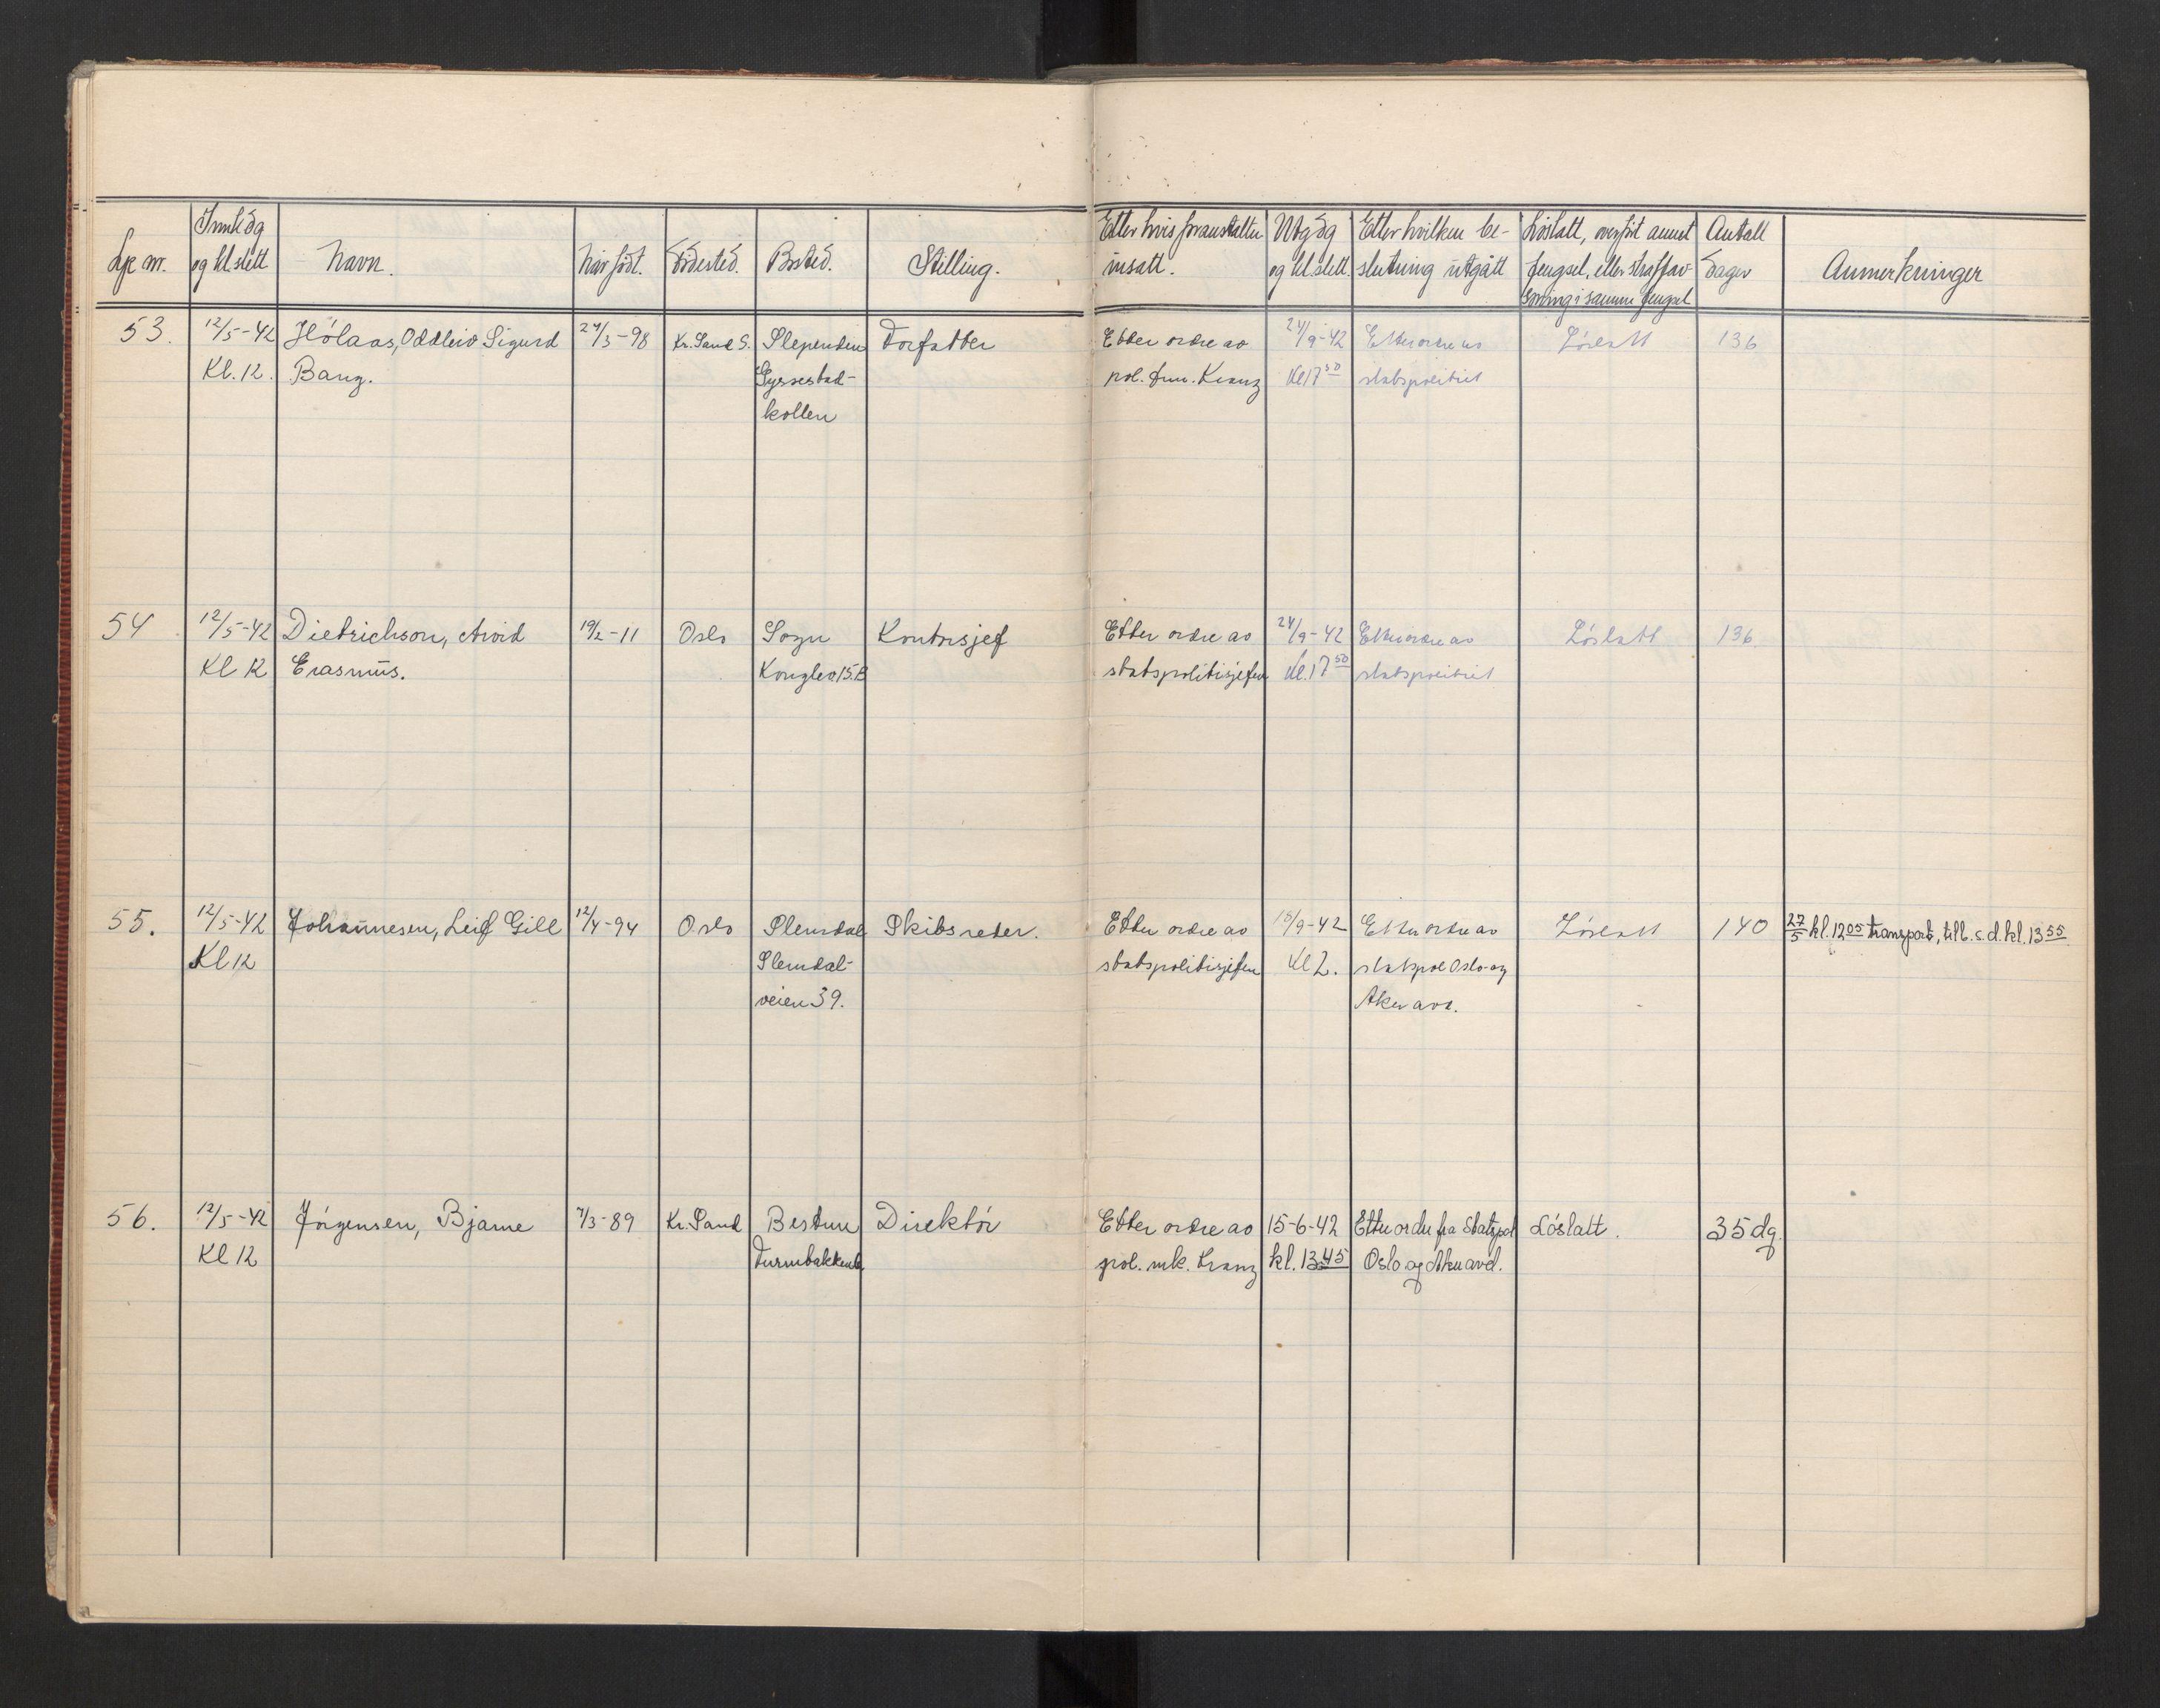 RA, Statspolitiet - Hovedkontoret / Osloavdelingen, C/Cl/L0008: Sikringsfanger B (gisler), 1942-1943